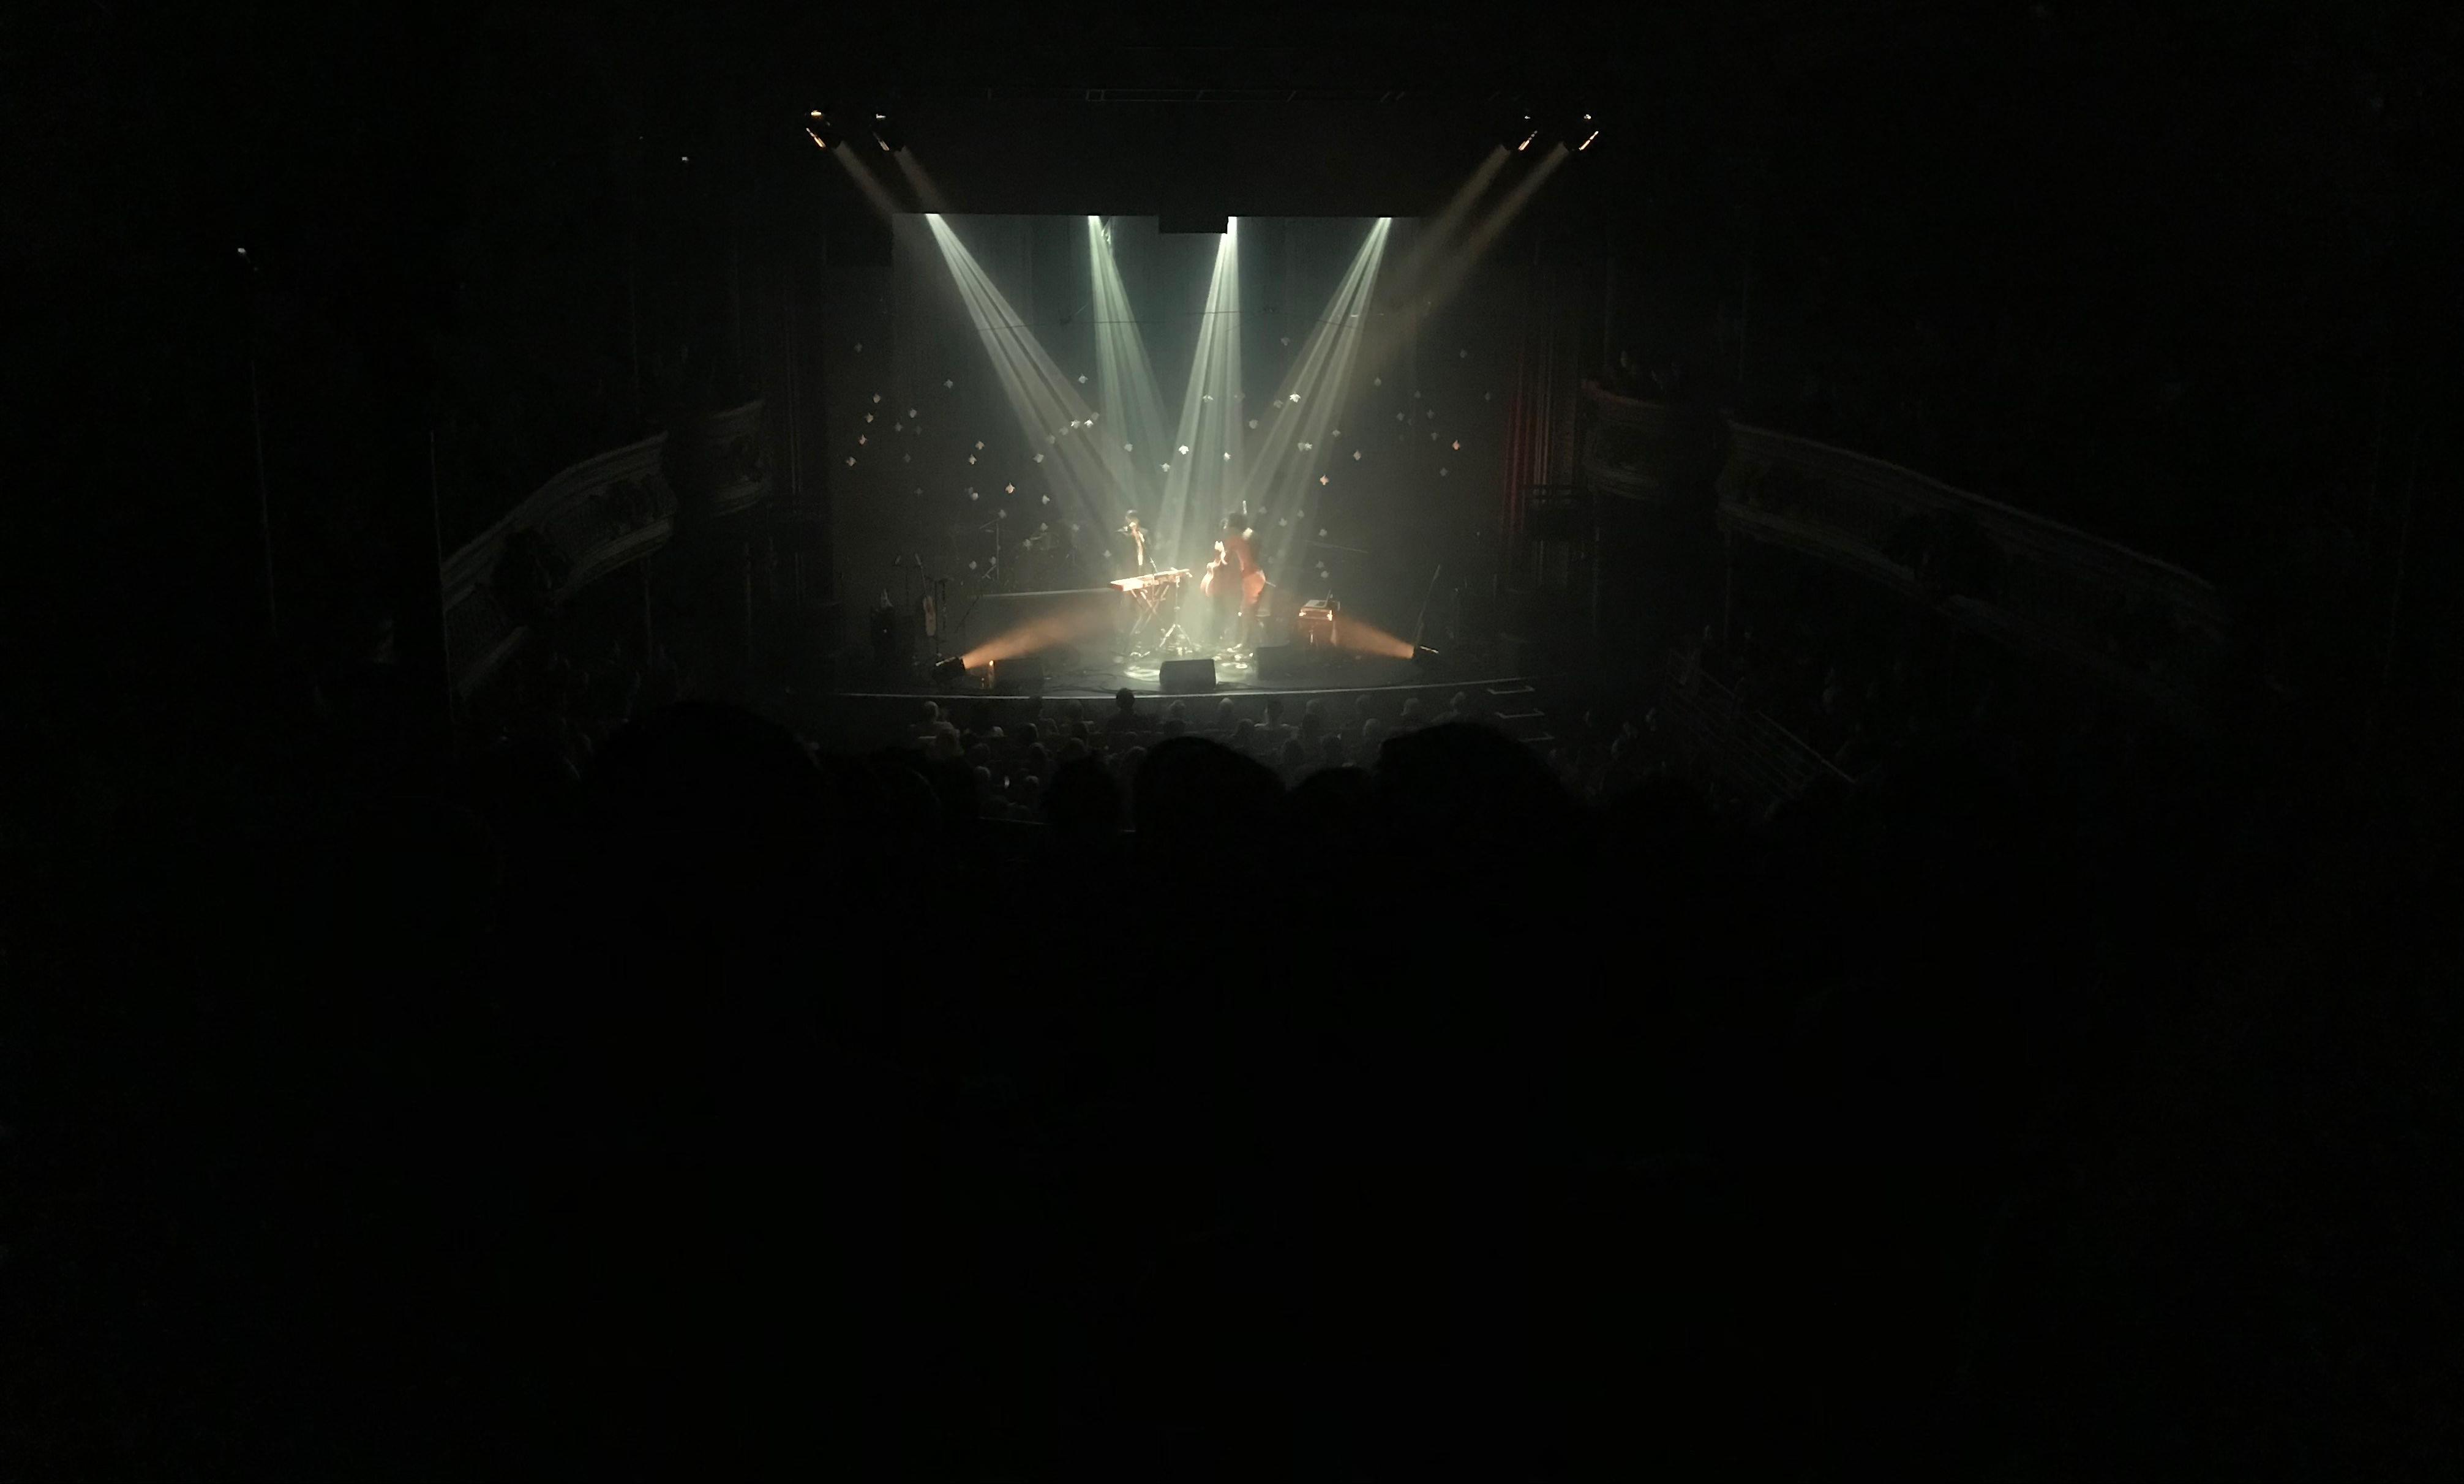 June Milo, en première partie du concert de Clarika à la Cigale, le 3 avril 2019.